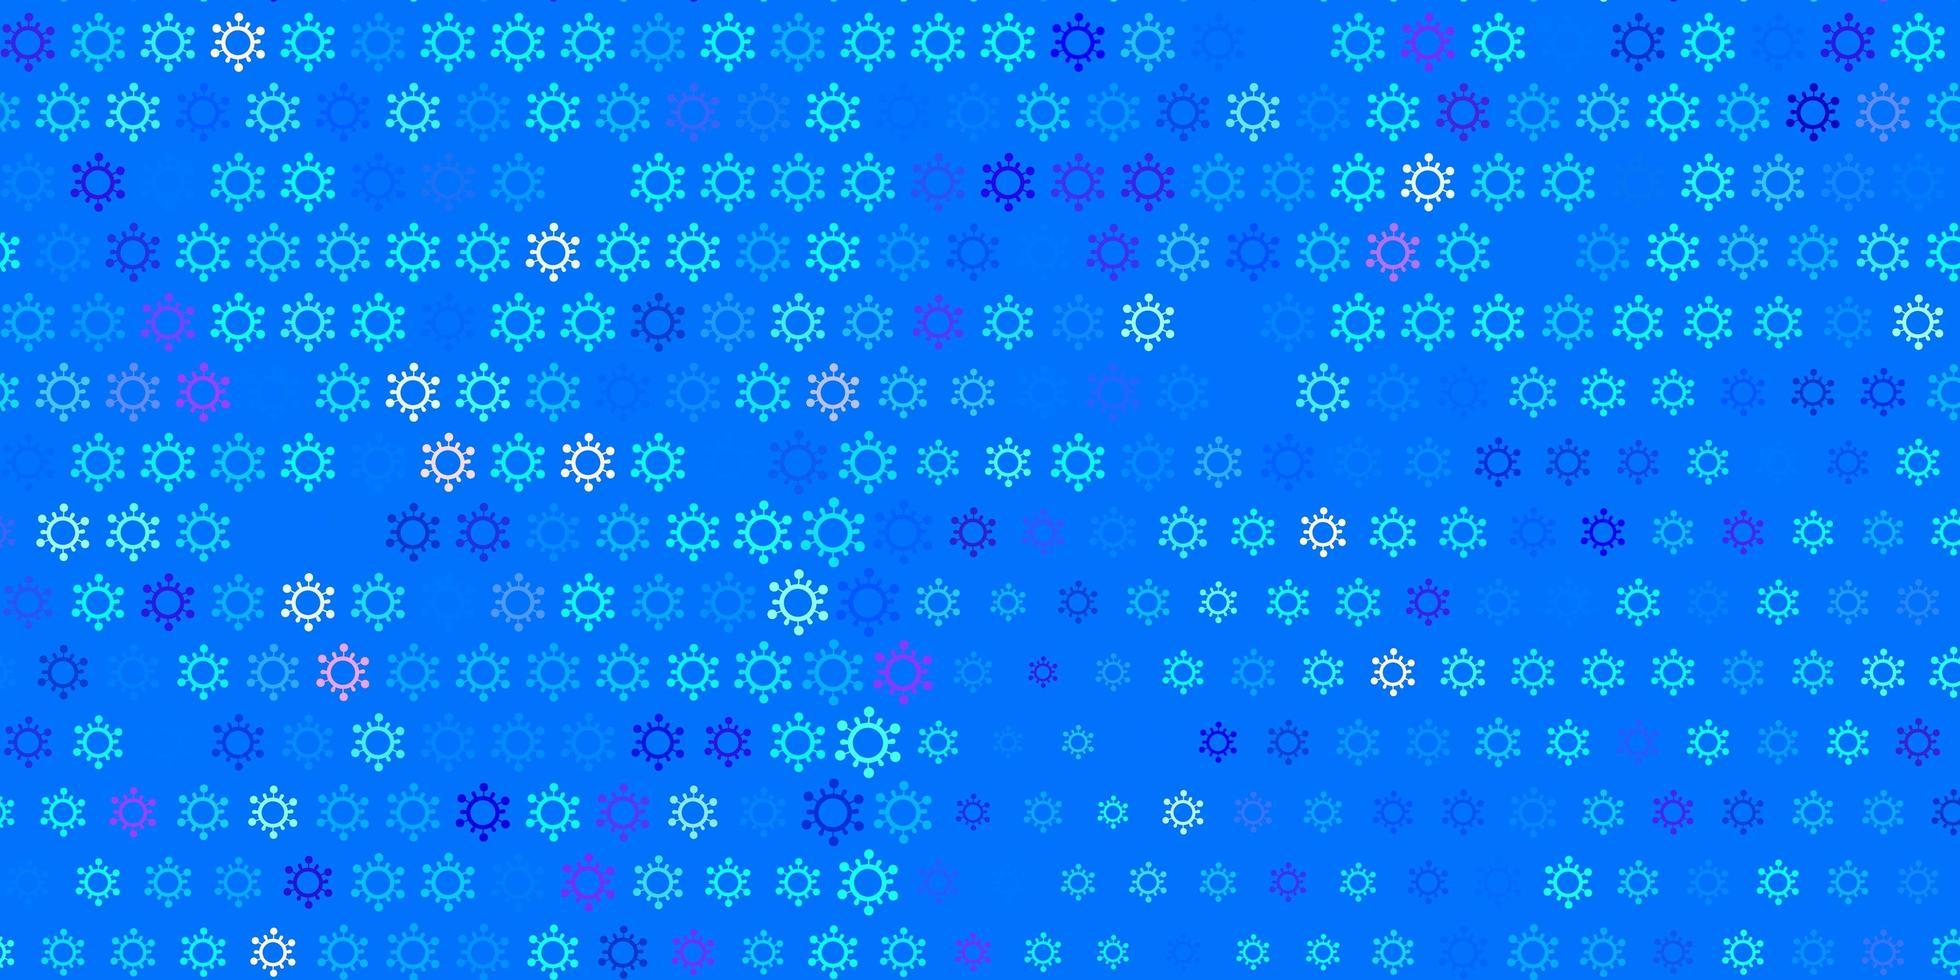 fond de vecteur rose clair, bleu avec symboles covid-19.